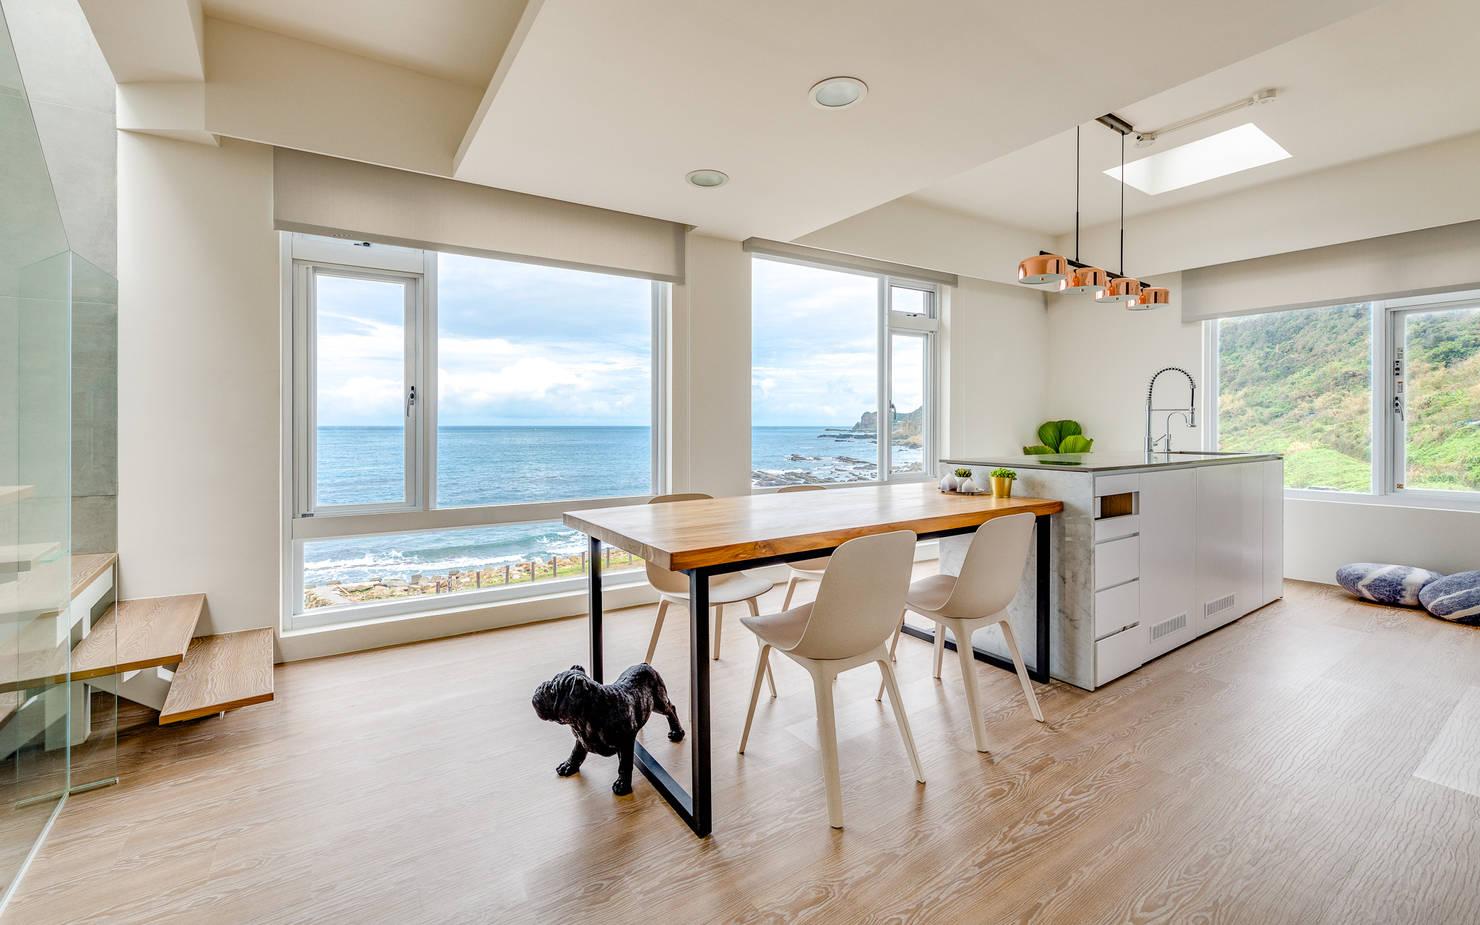 打造美麗又明亮的家:關於落地窗的必知5件事